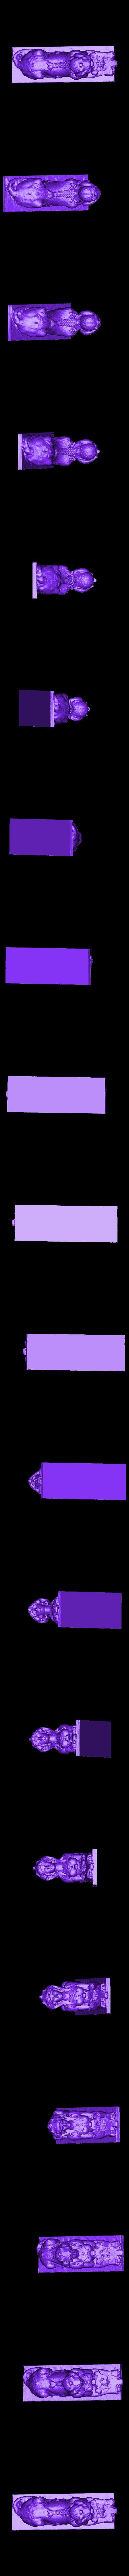 sphinx.stl Télécharger fichier STL gratuit Sphinx - balayage photogrammétrique • Modèle pour imprimante 3D, Mikolas3D